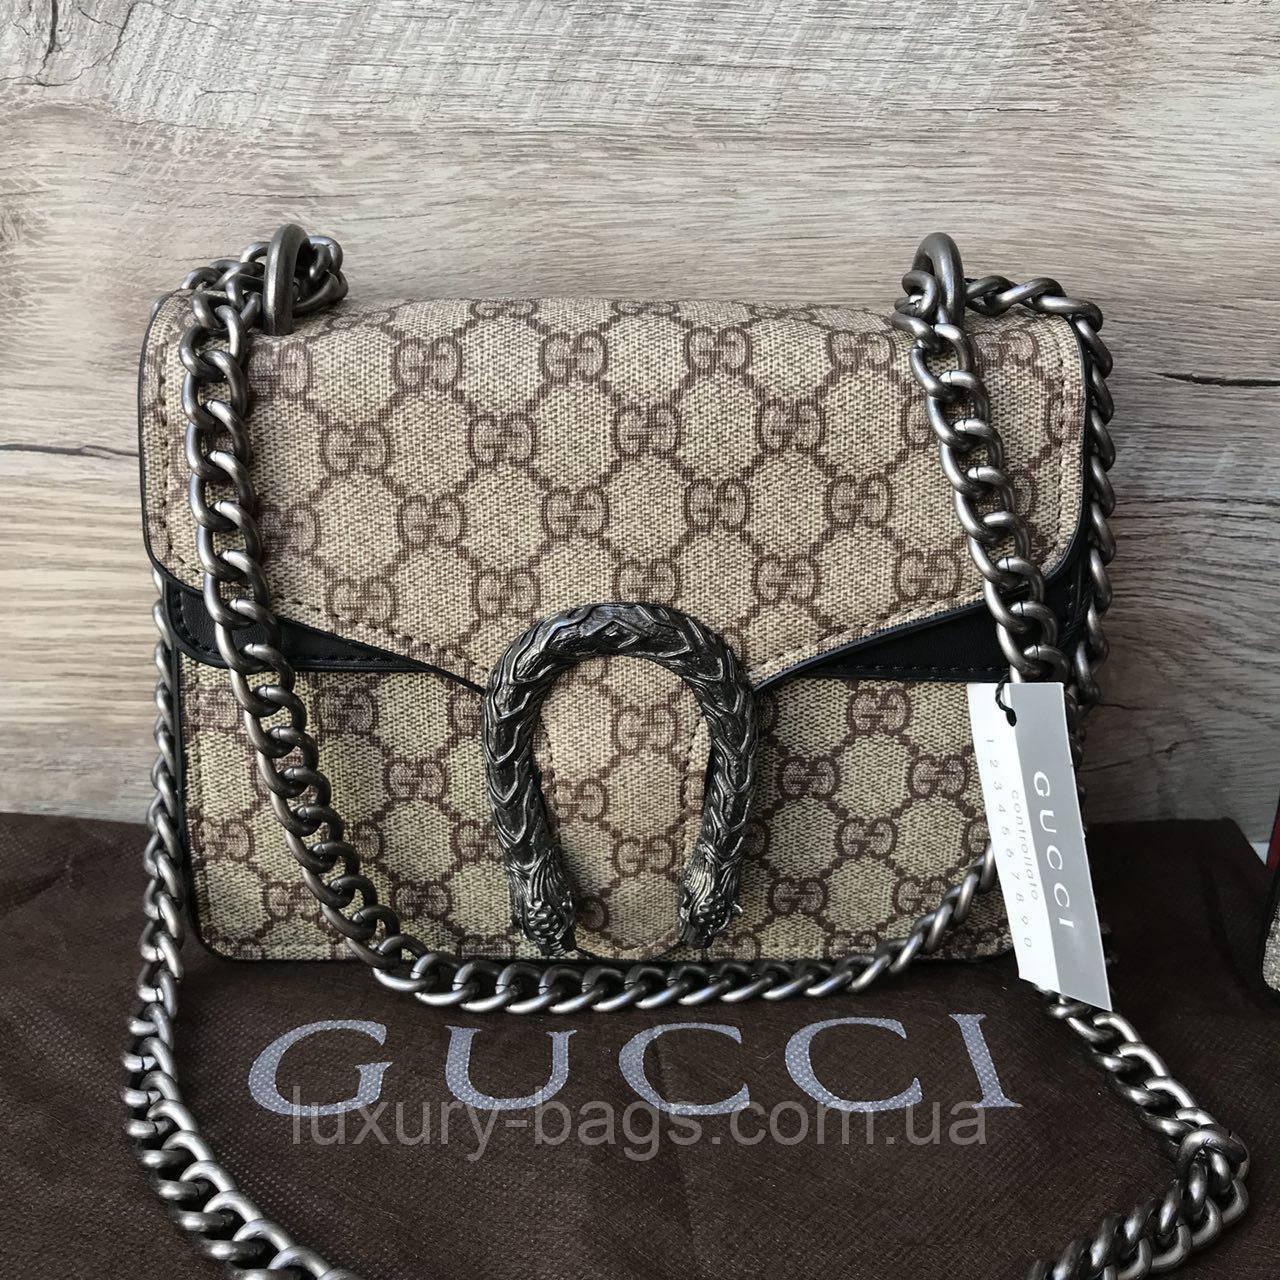 d5602ec17467 Женская сумка клатч Gucci Гуччи опт, цена 901 грн., купить в Одессе ...